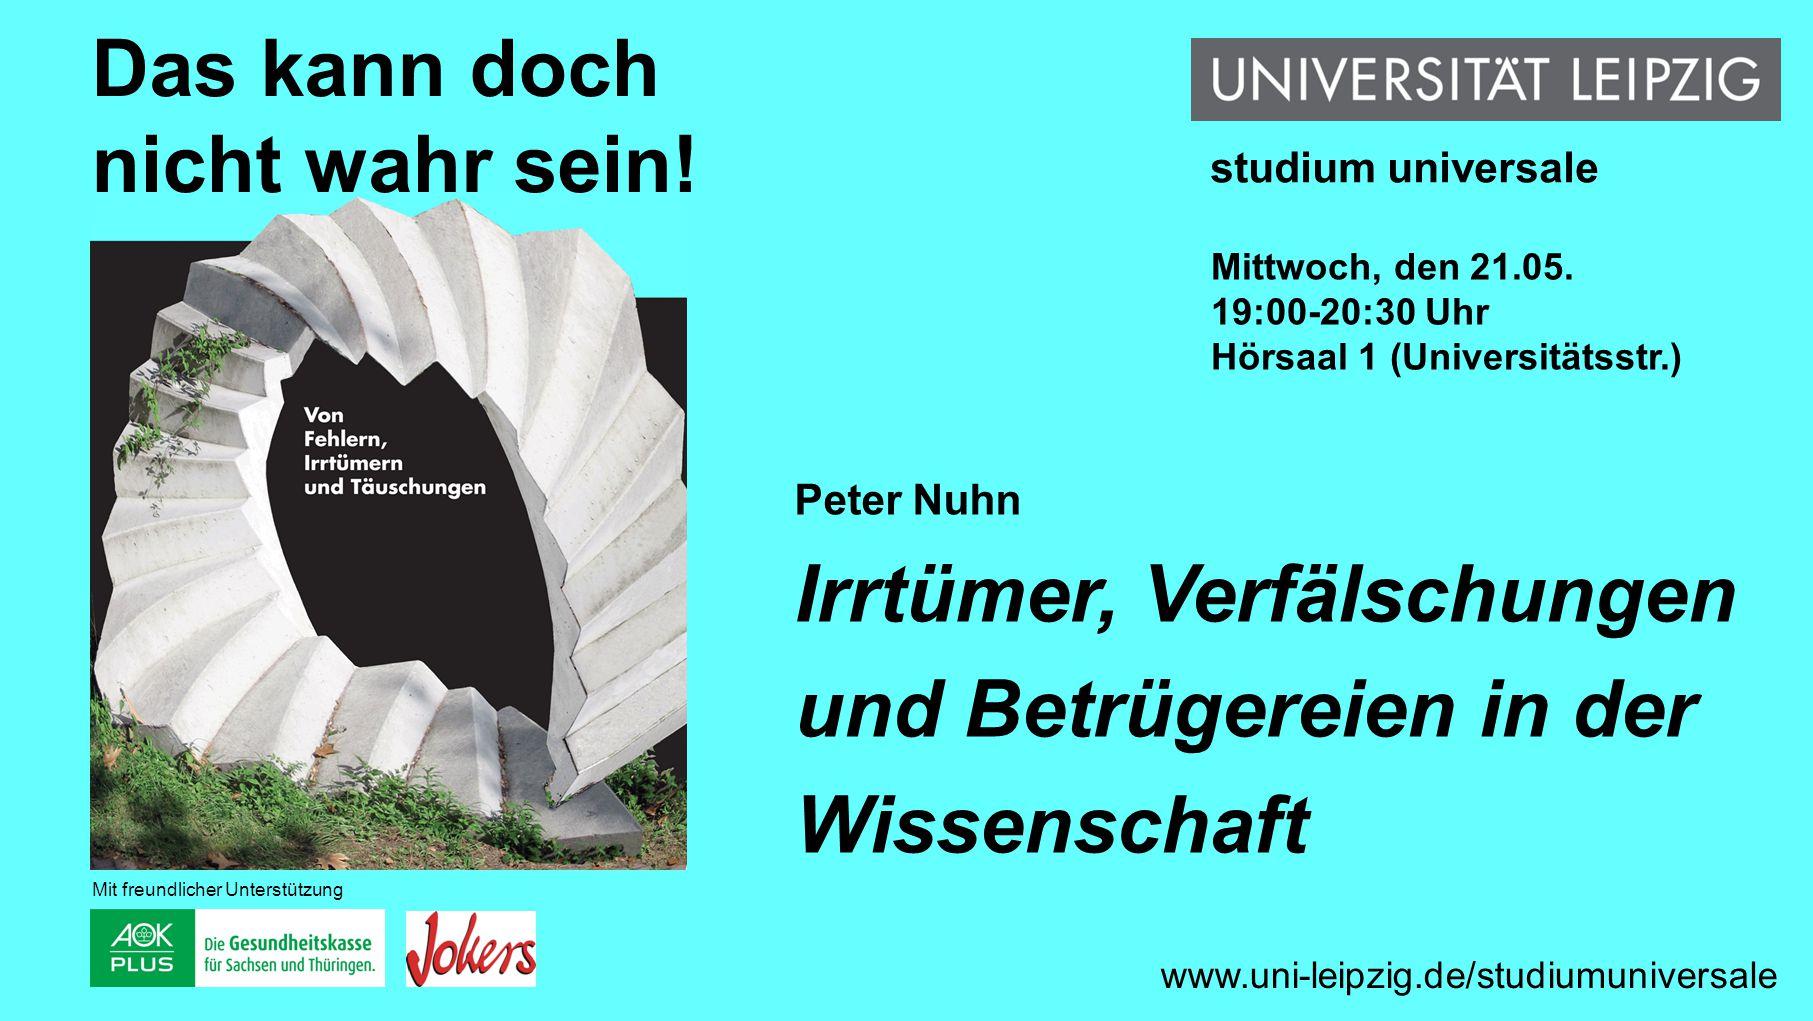 Andreas Anter Die Lüge in der Politik www.uni-leipzig.de/studiumuniversale Das kann doch nicht wahr sein.